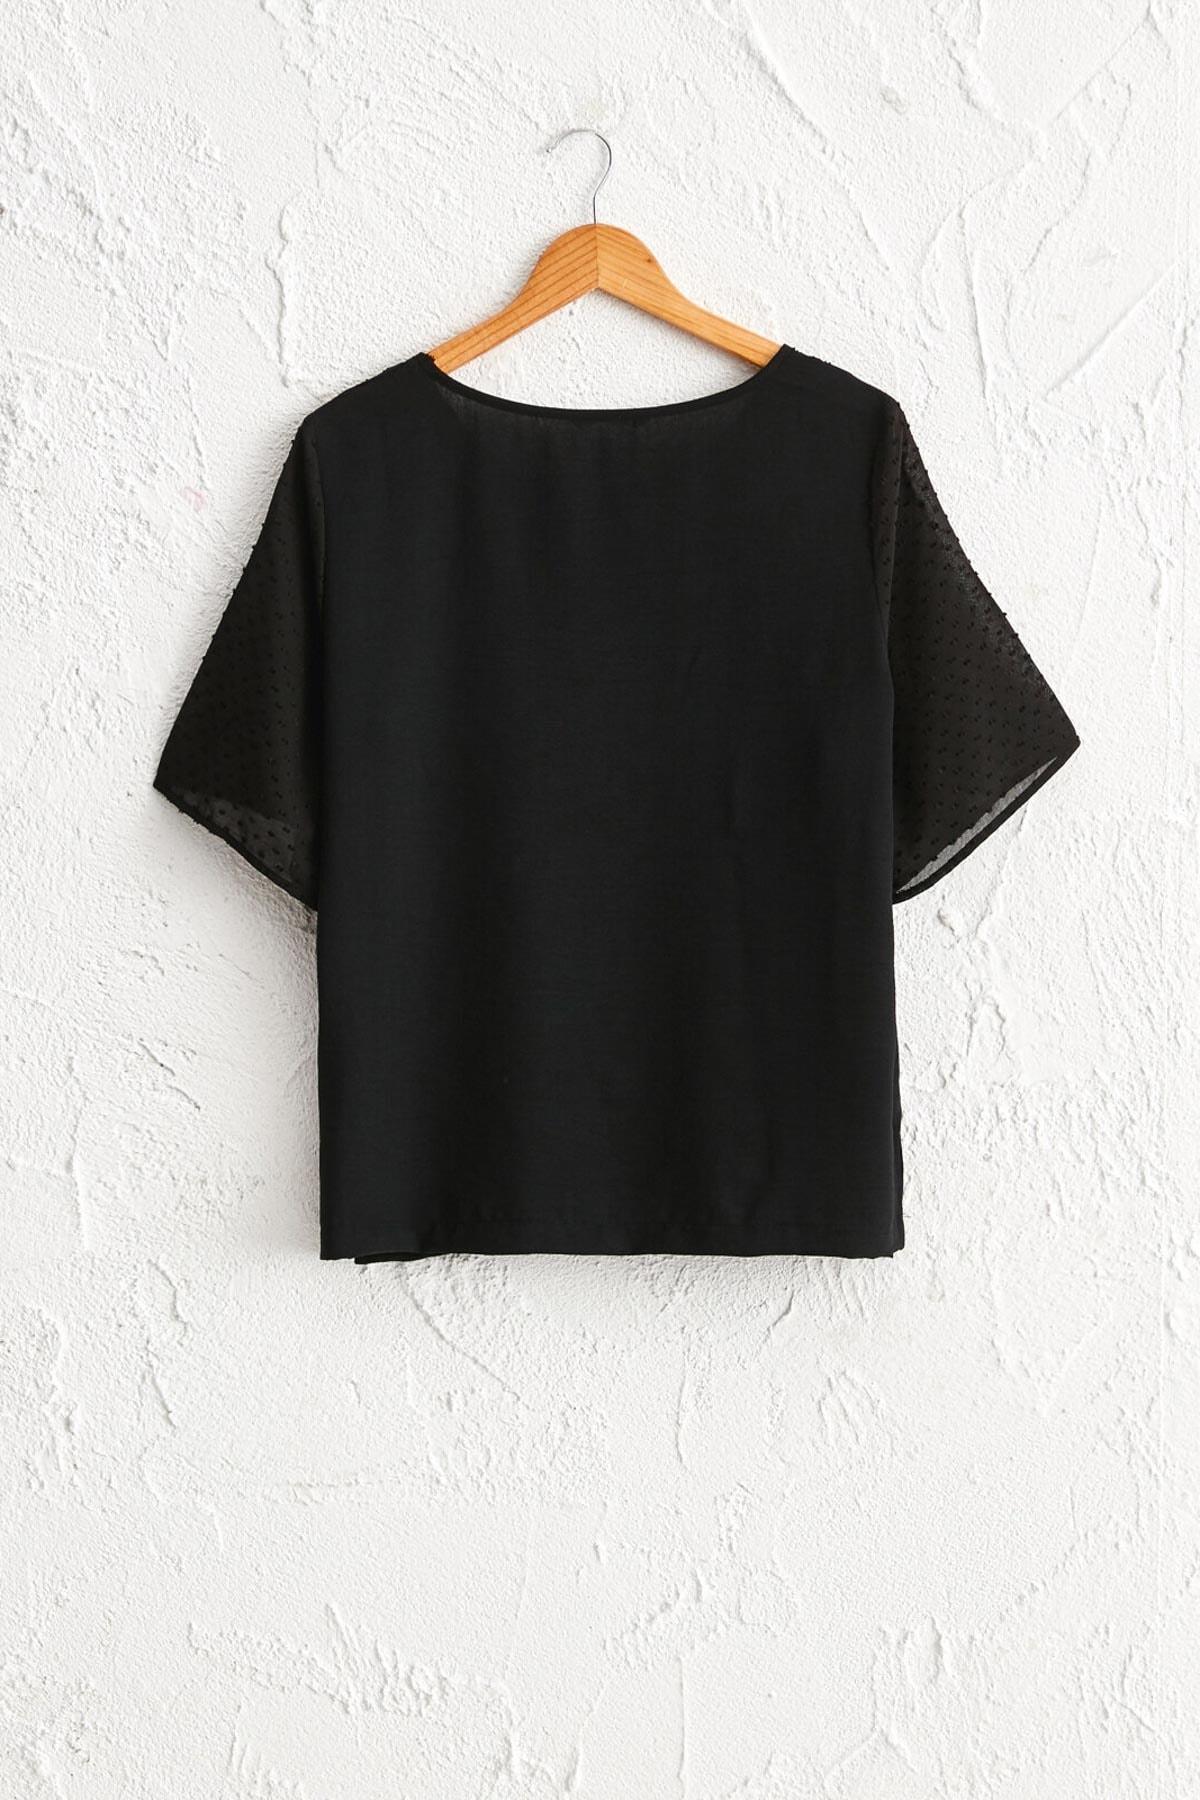 LC Waikiki Kadın Siyah Bluz 0WDI44Z8 2